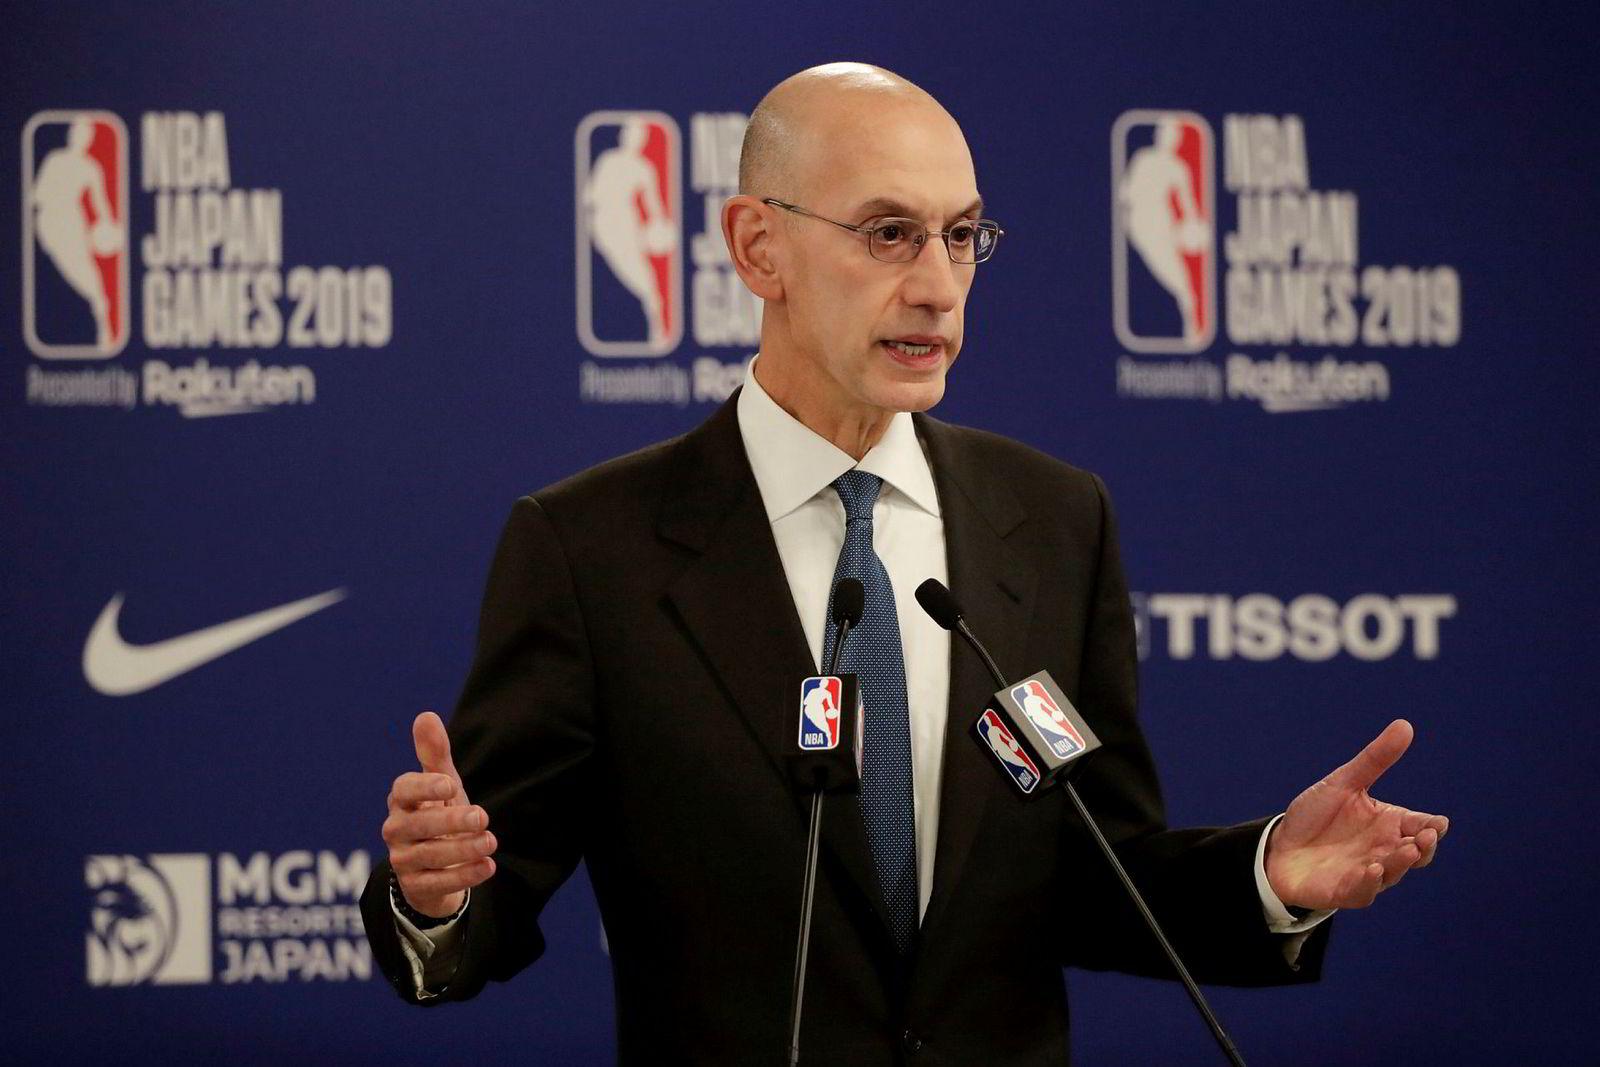 NBA-leder Adam Silver forsøker å redde den amerikanske basketballorganisasjonens 30 år lange innsats i Kina, etter en twitter-melding fra det mest populære amerikanske laget blant kinesiske fans.